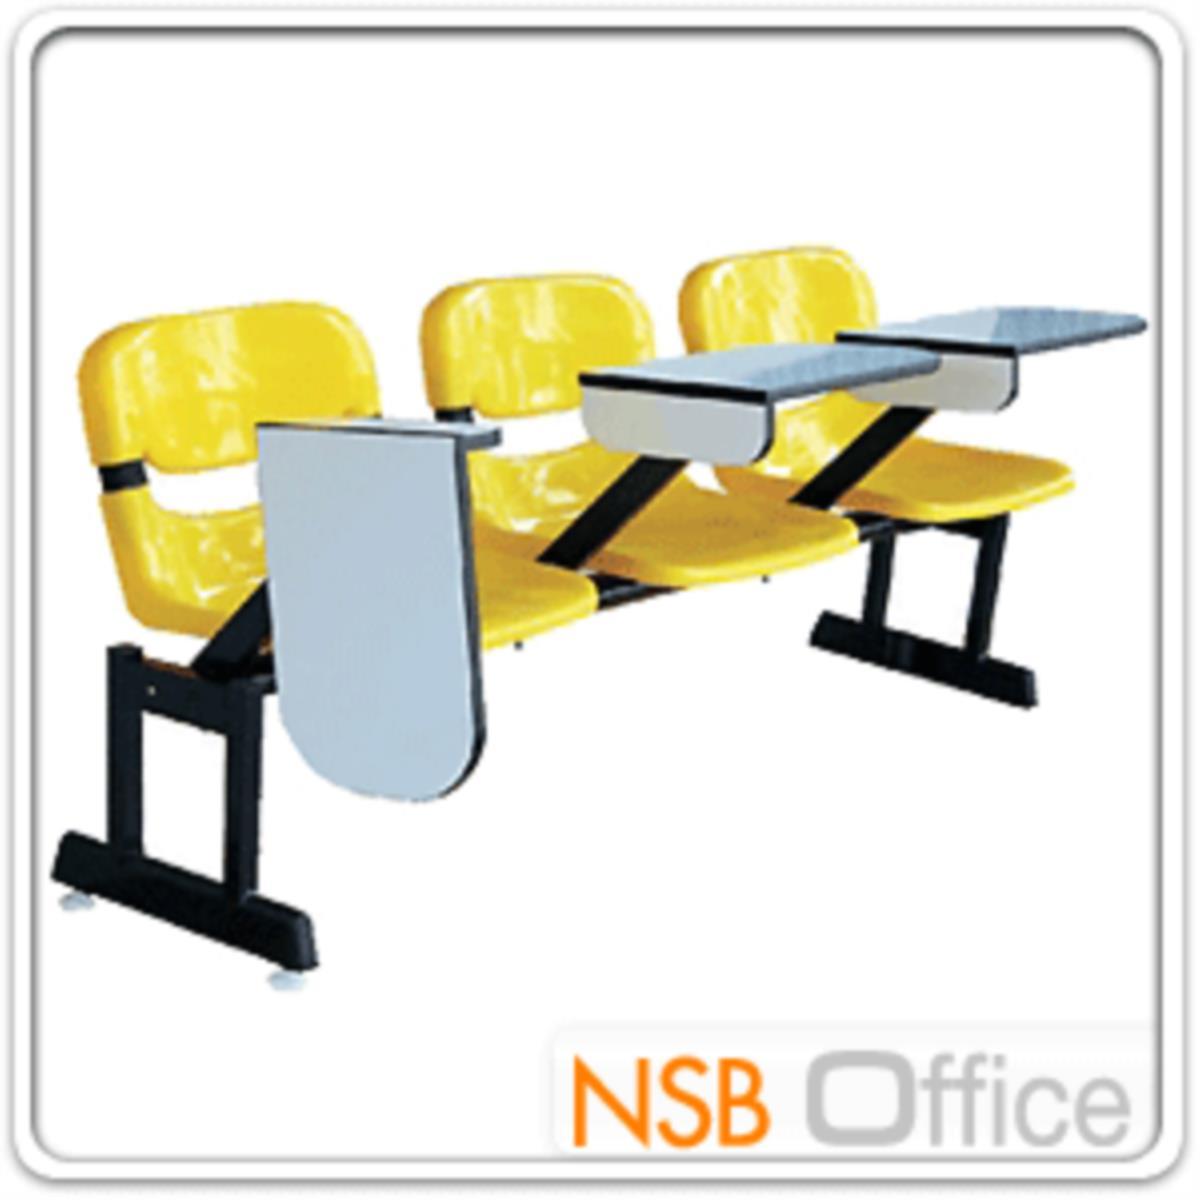 เก้าอี้เลคเชอร์แถวเฟรมโพลี่ รุ่น POLY-002 3 และ 4 ที่นั่ง ขาเหล็กเหลี่ยมแบบขาคู่พ่นดำ